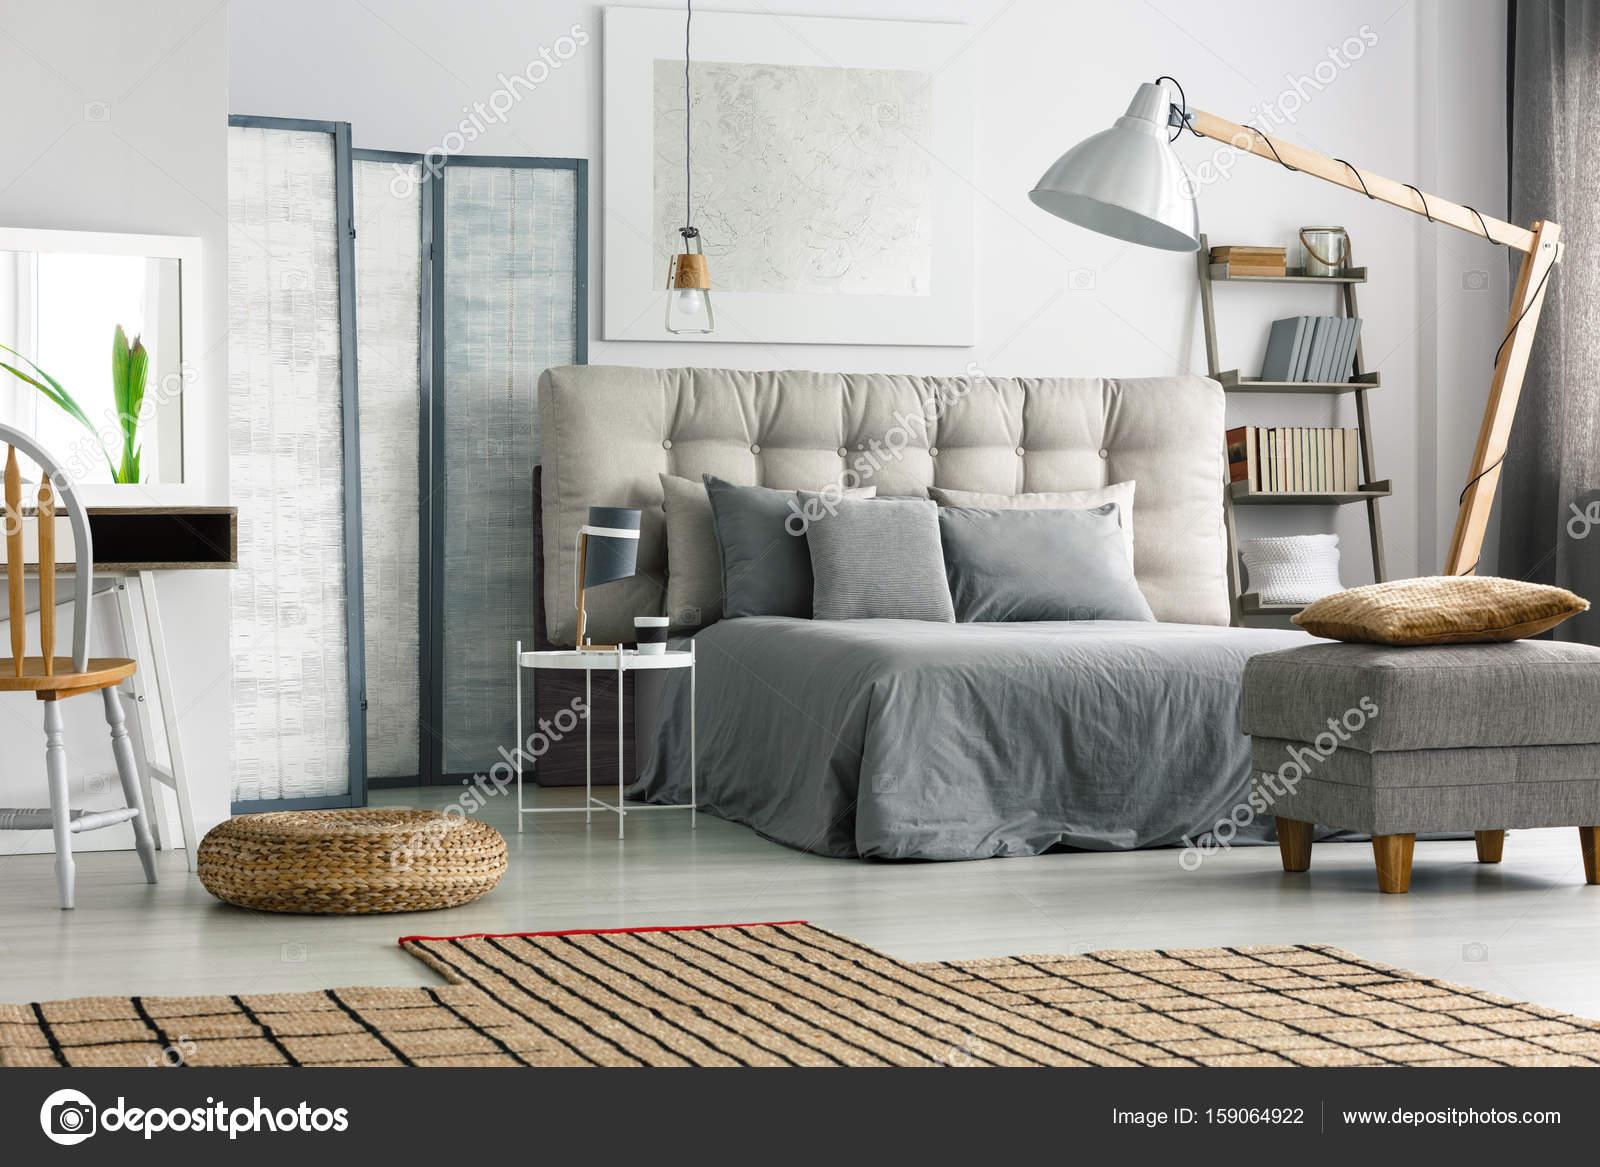 Slaapkamer Met Tapijt : Rieten tapijt in de slaapkamer u stockfoto photographee eu